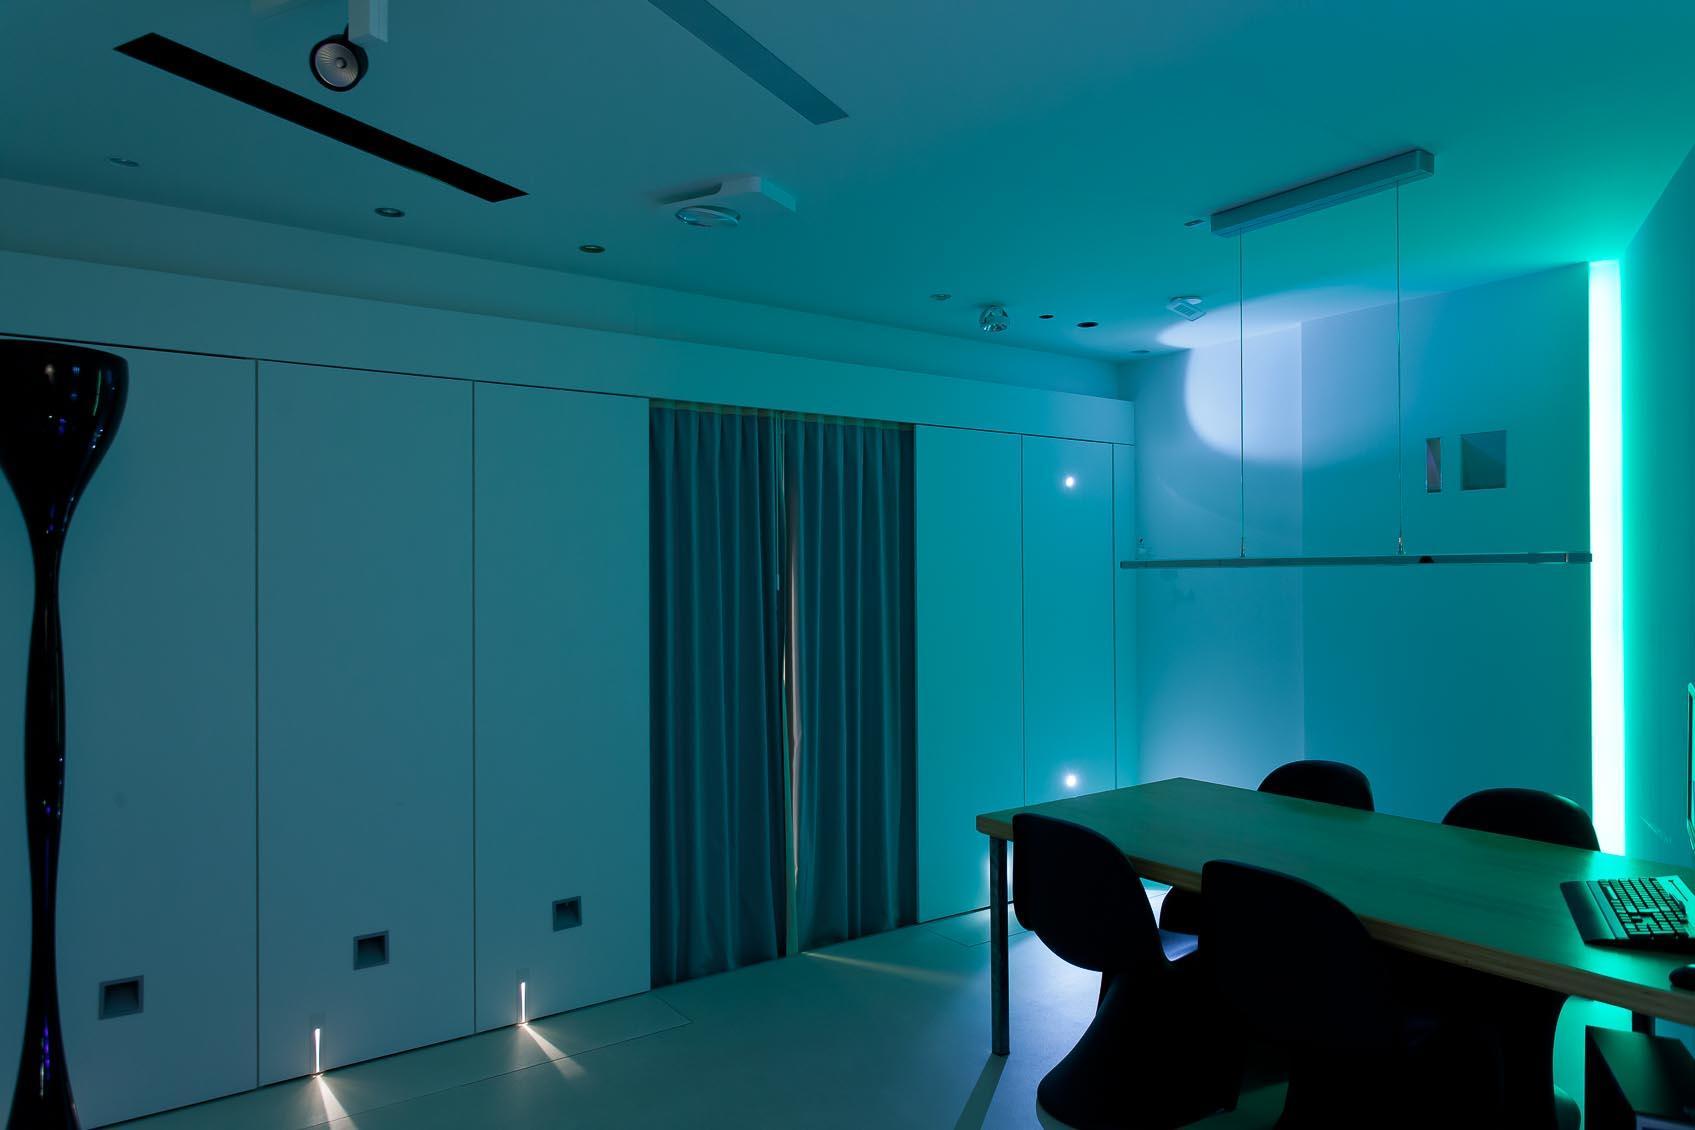 Beleef interieurverlichting in onze design lichtstudio9